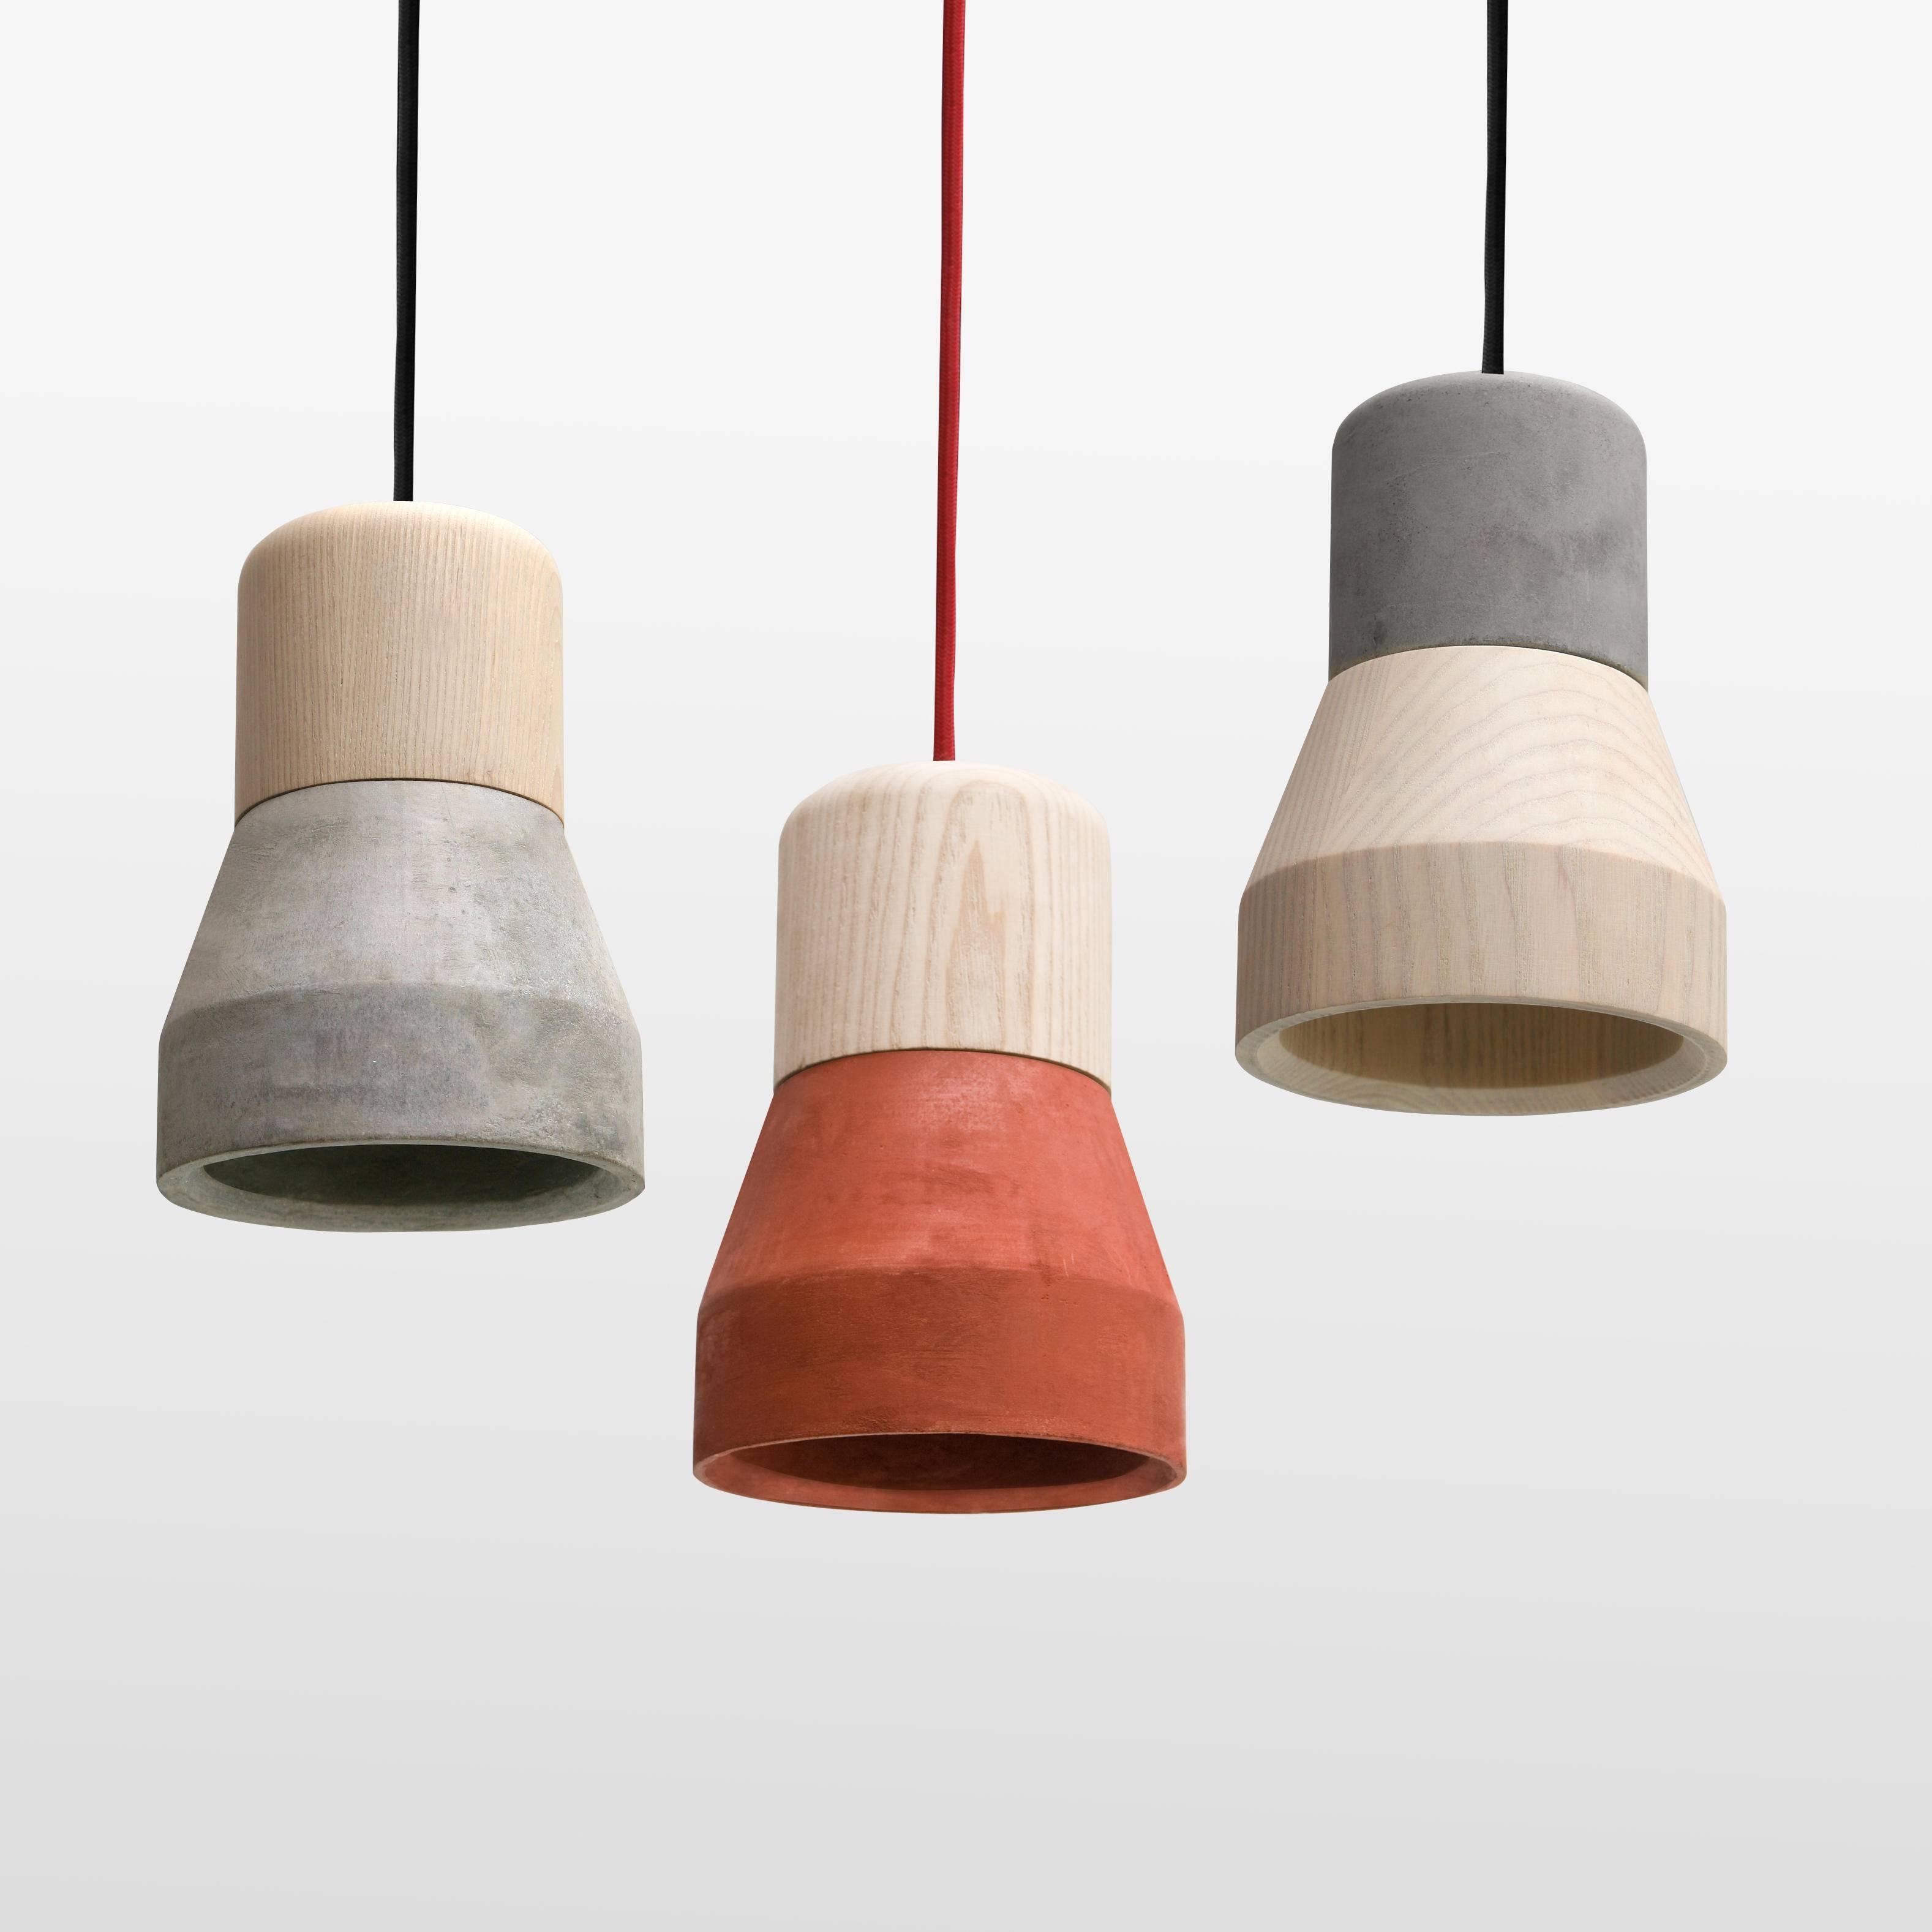 Cement Wood Pendant Light | Specimen | Ahalife In Wooden Pendant Lighting (View 3 of 15)